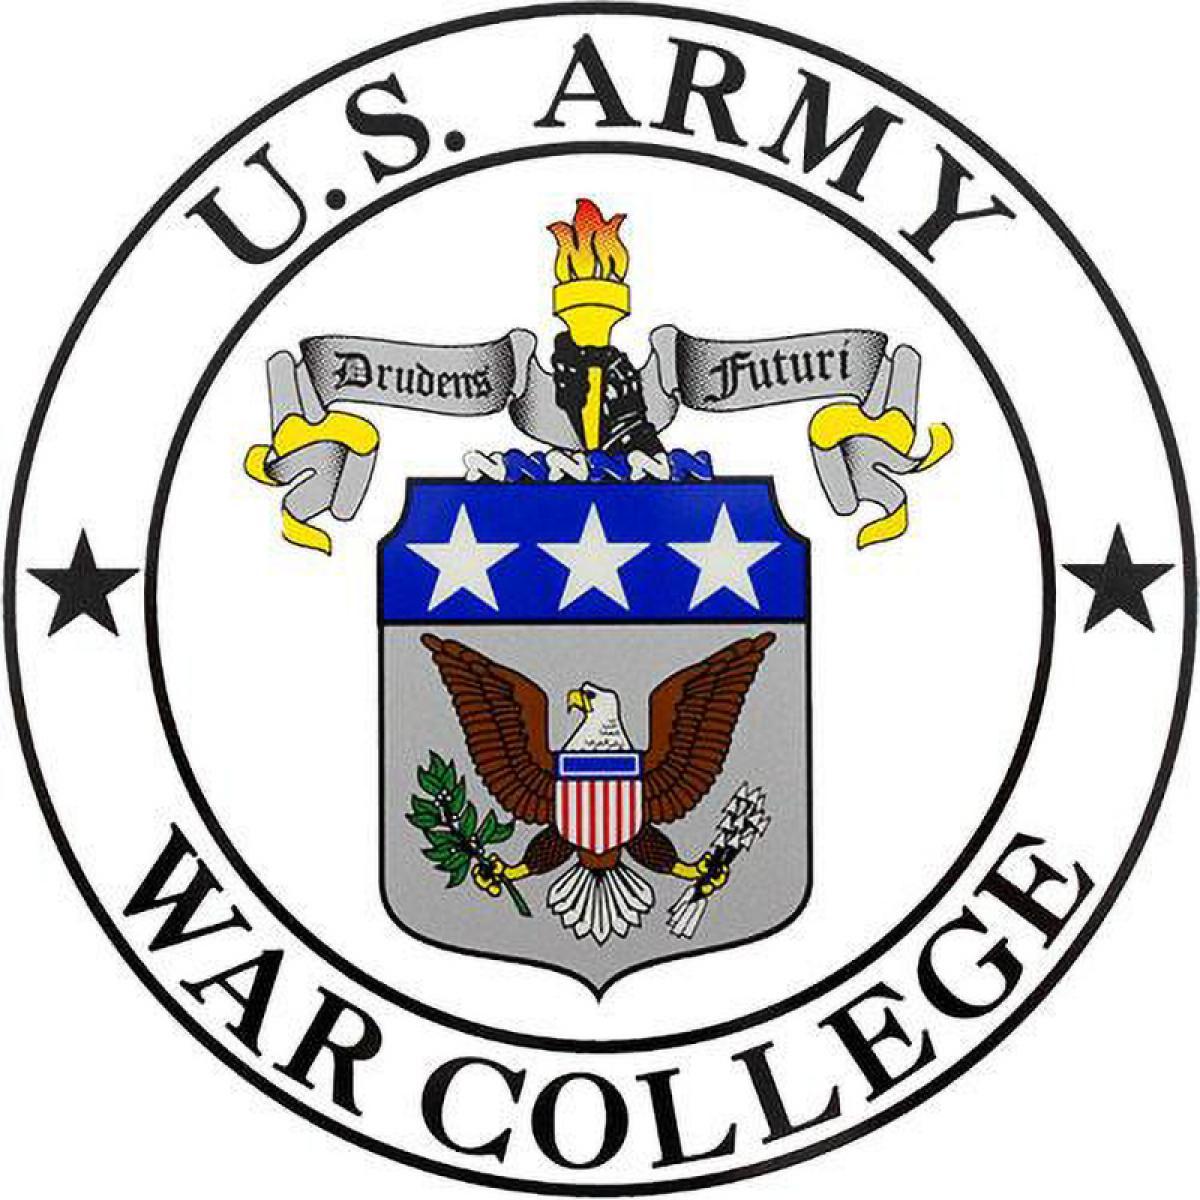 USAWC logo